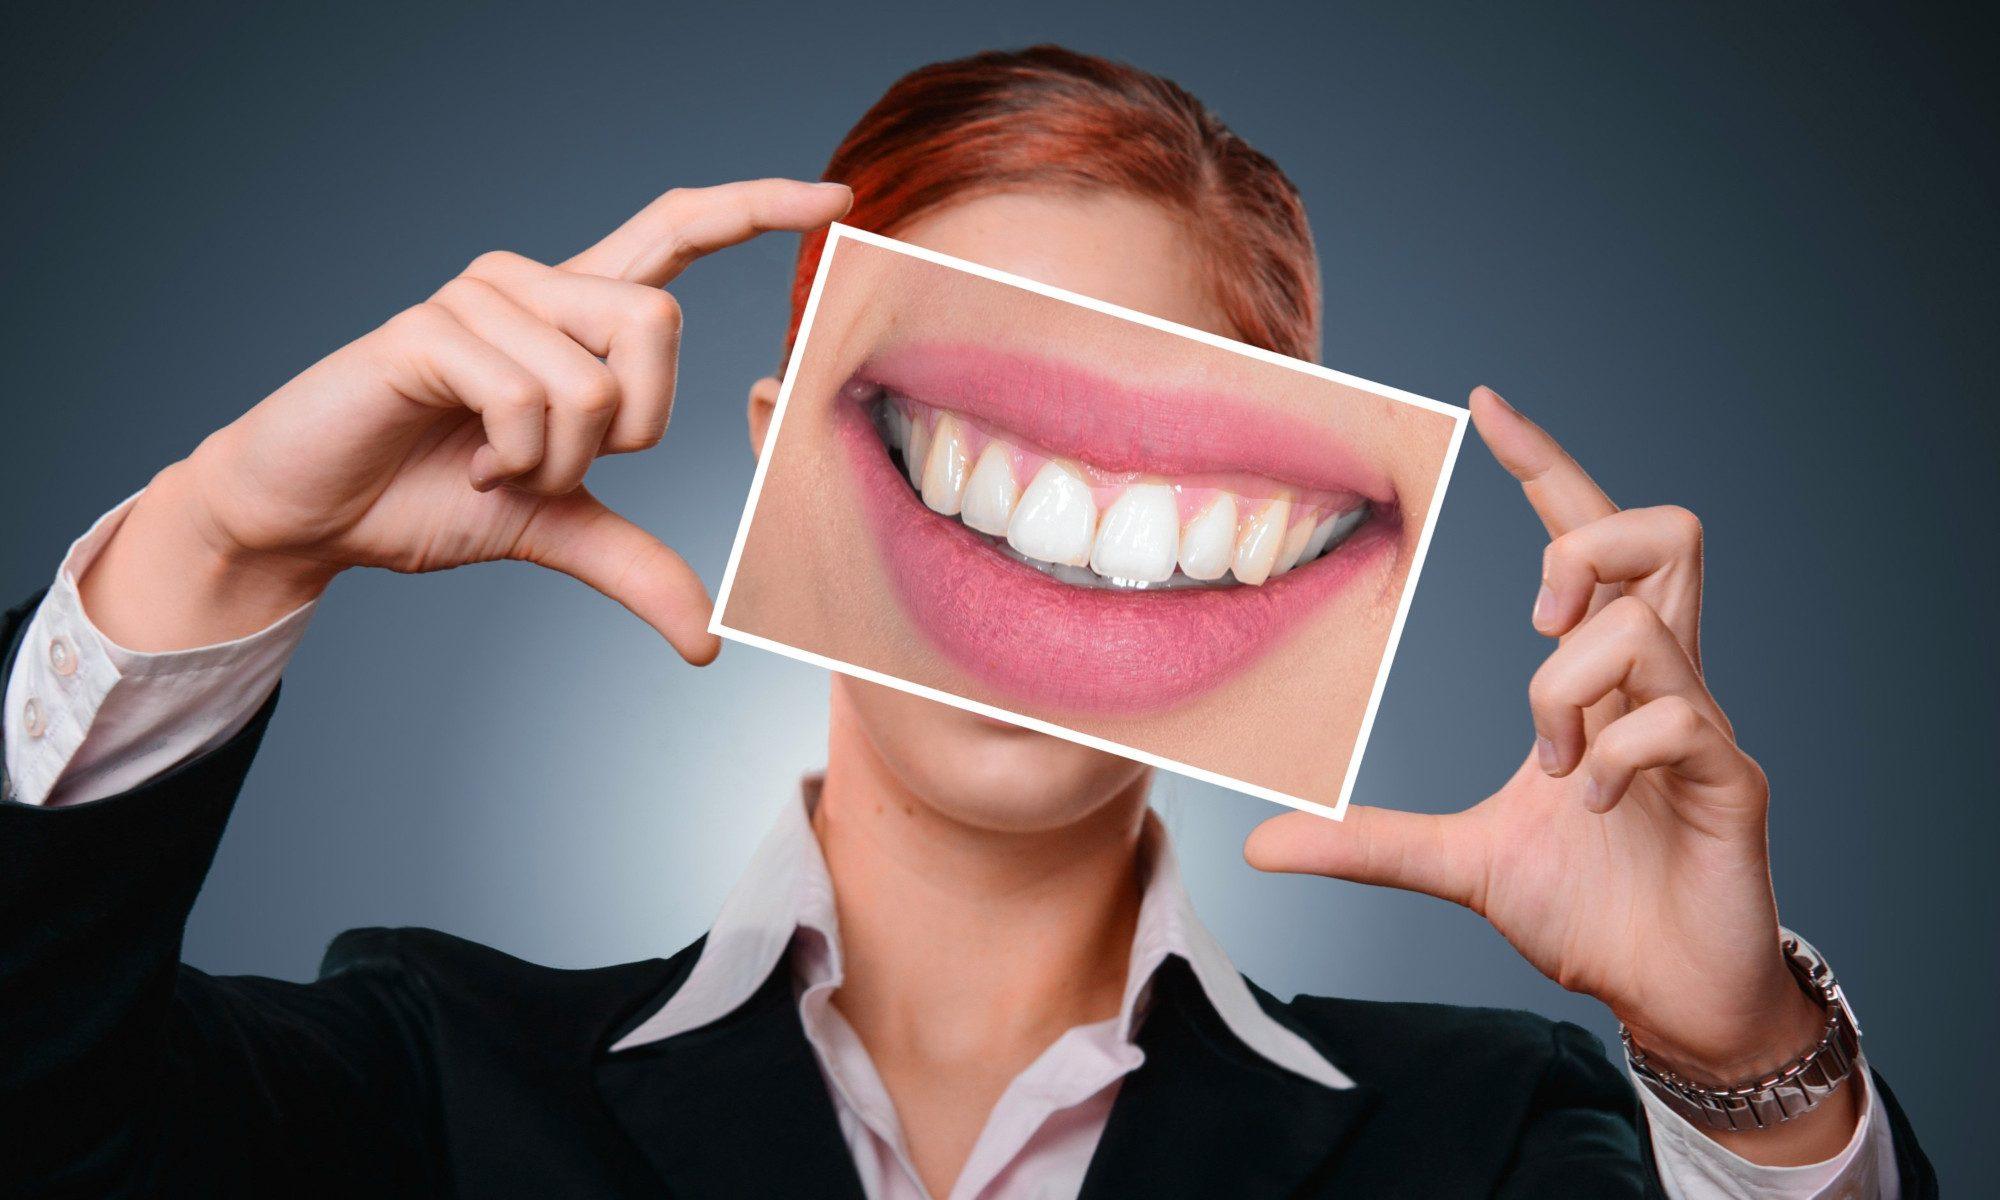 Cabinet Dentaire - Implantologie et Orthodontie Esthétique